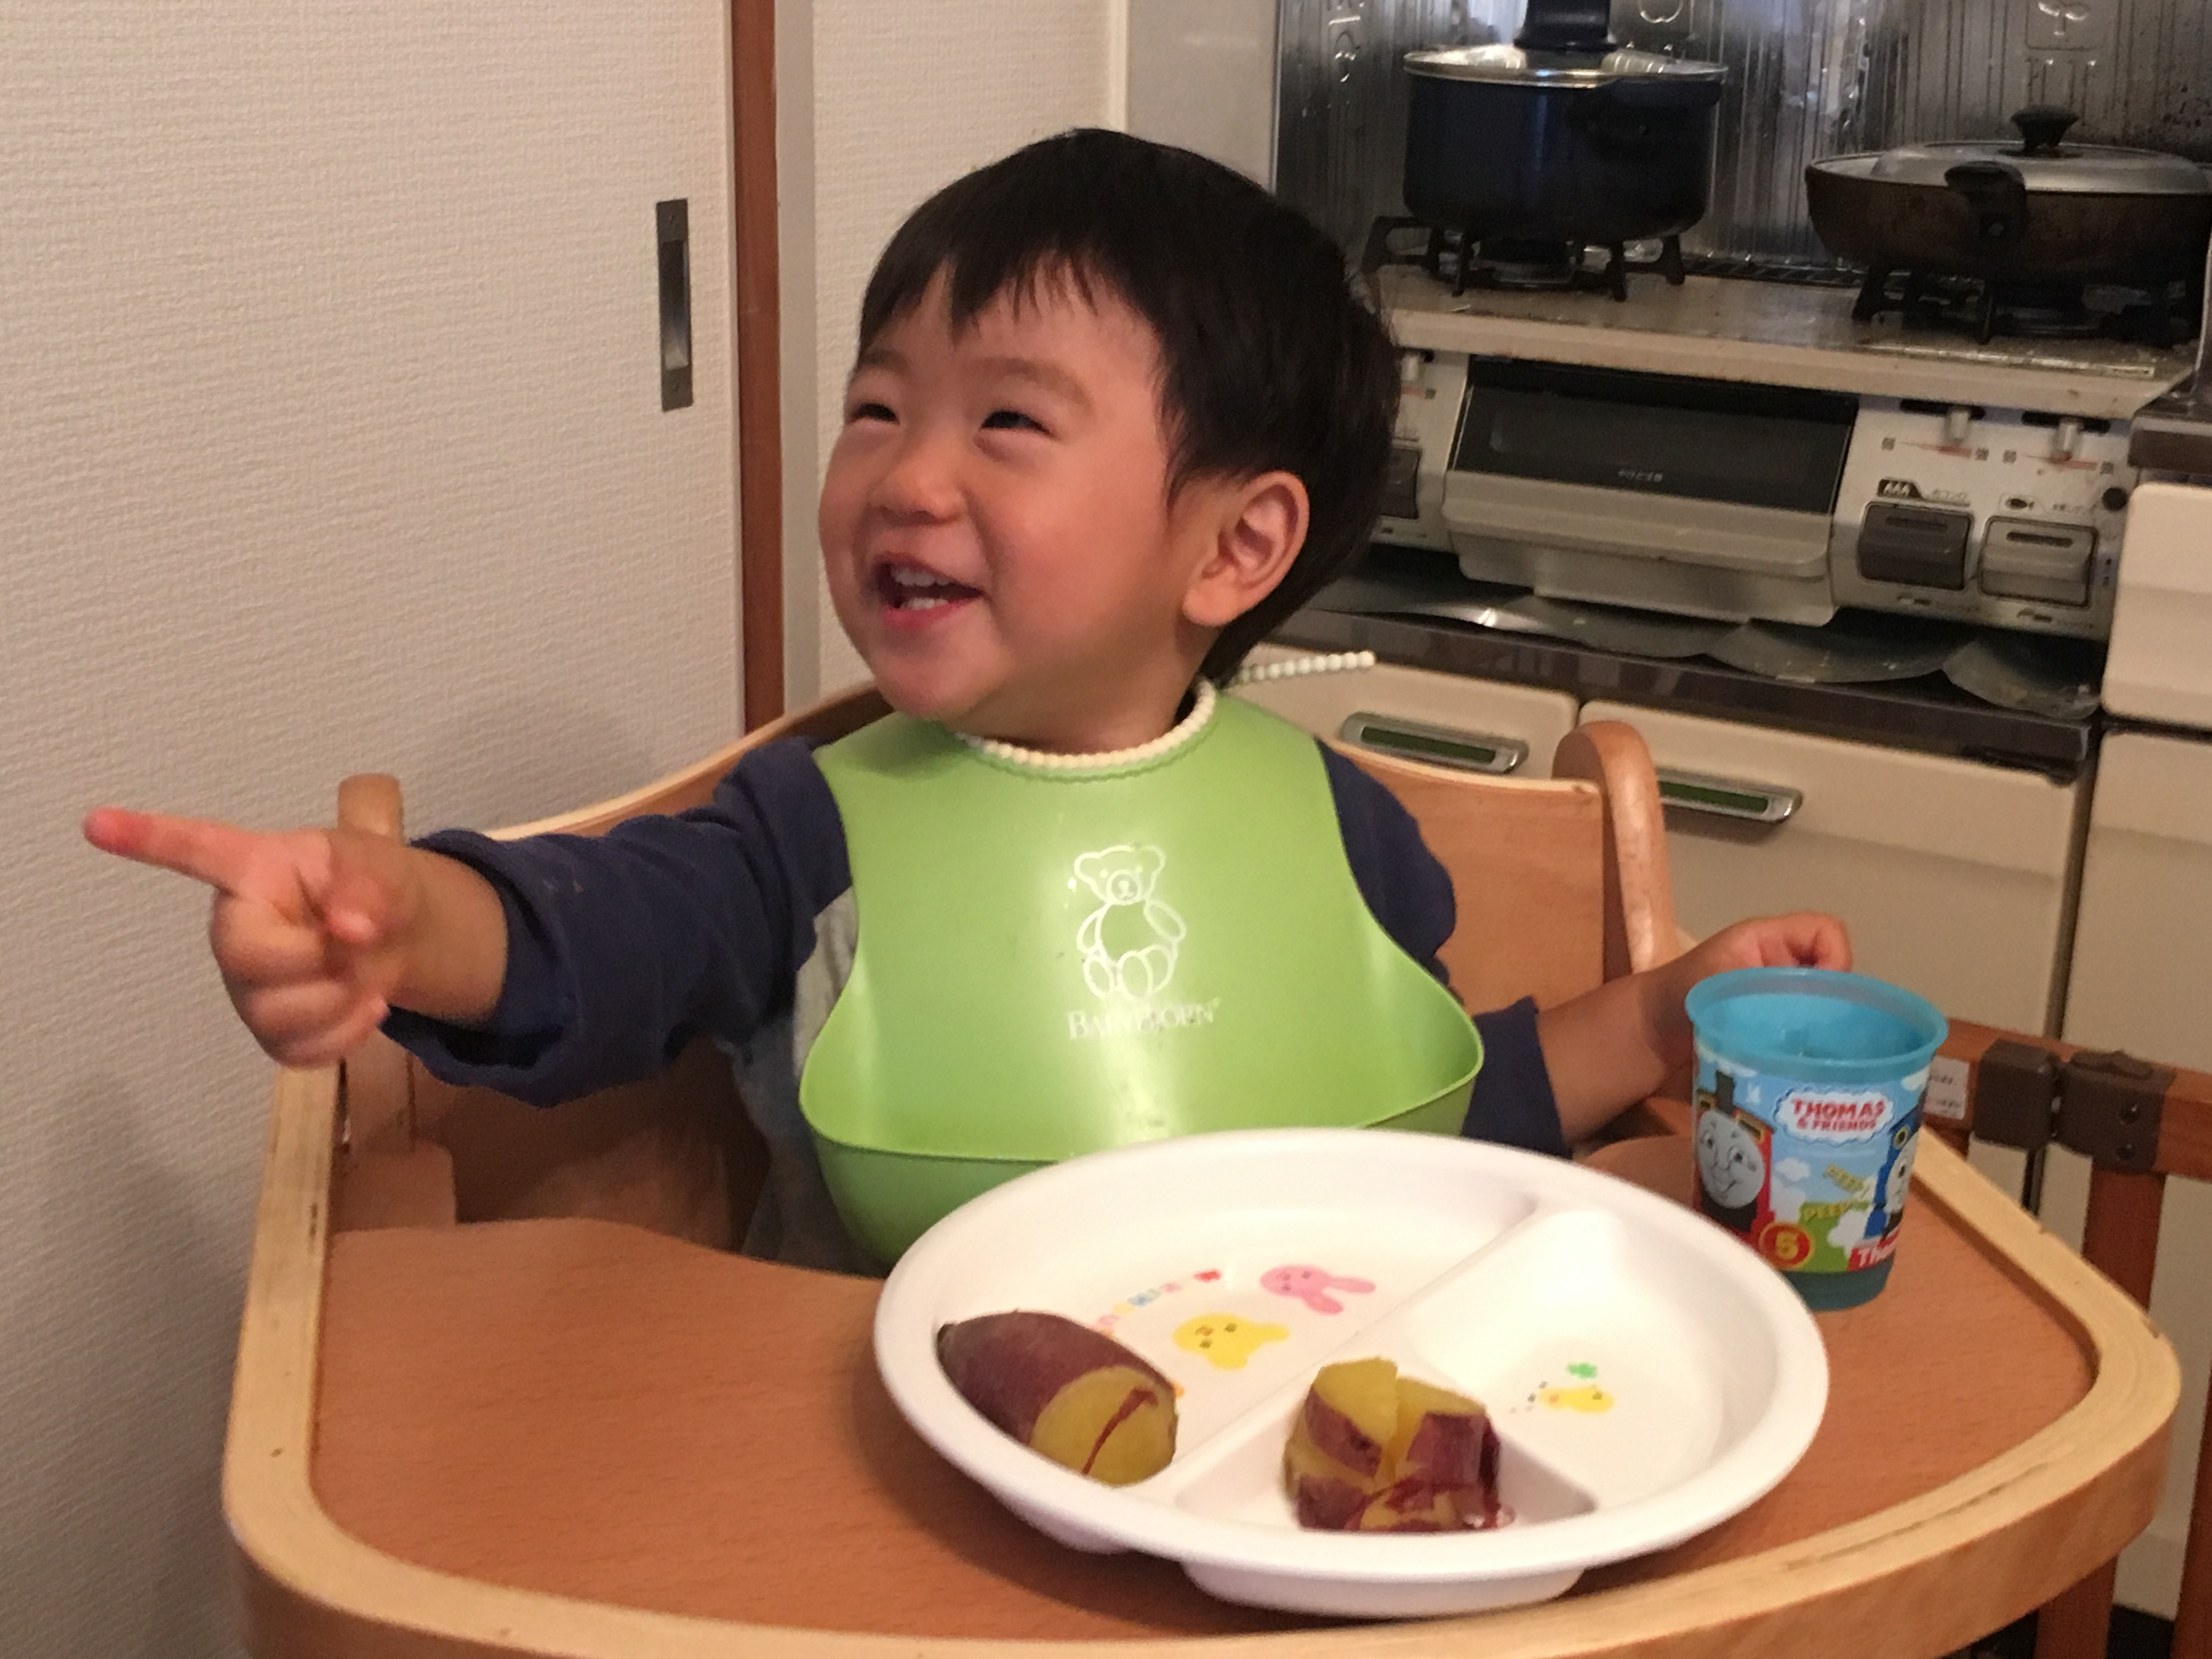 A happy boy with sweet potato.